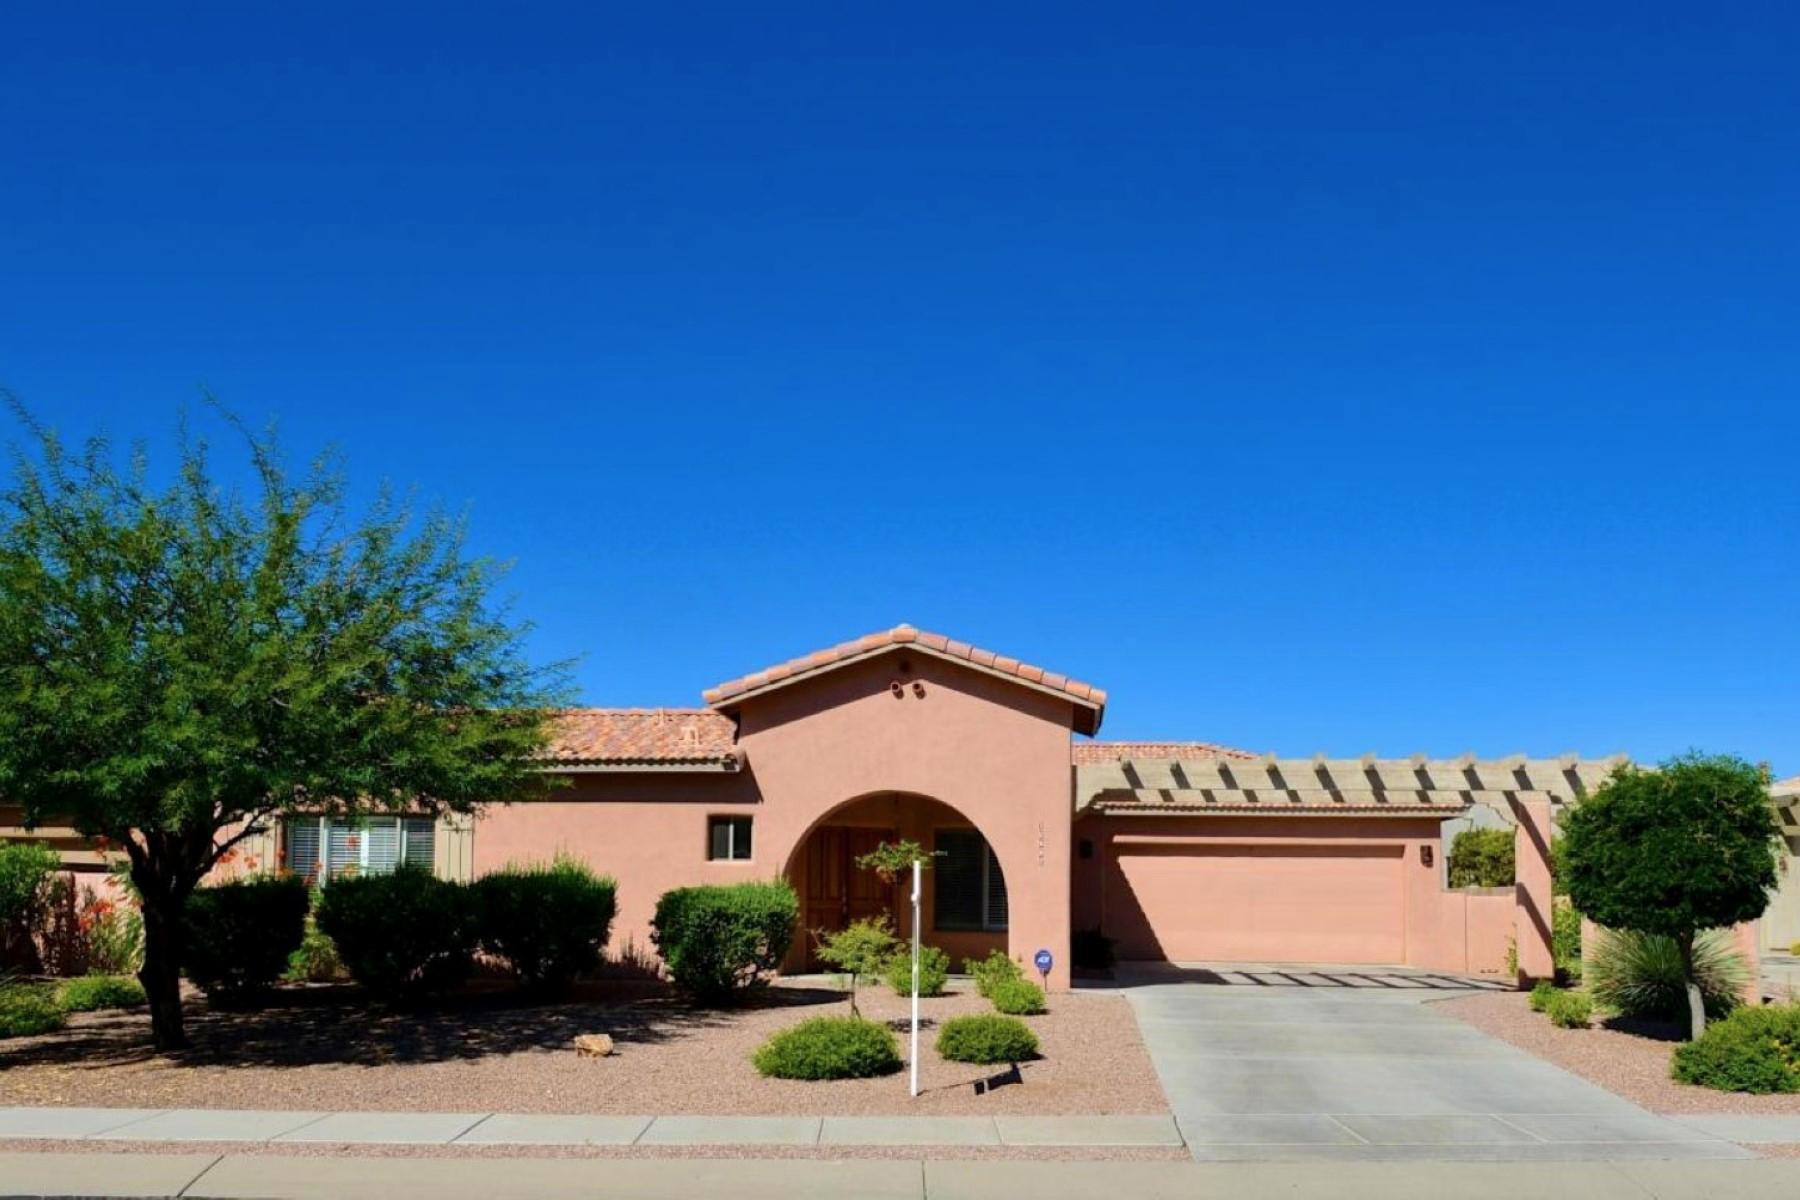 Частный односемейный дом для того Продажа на Fabulous Casual Contemporary Masonary Stucco Built Home 12887 N Eagleview Drive Oro Valley, Аризона 85755 Соединенные Штаты